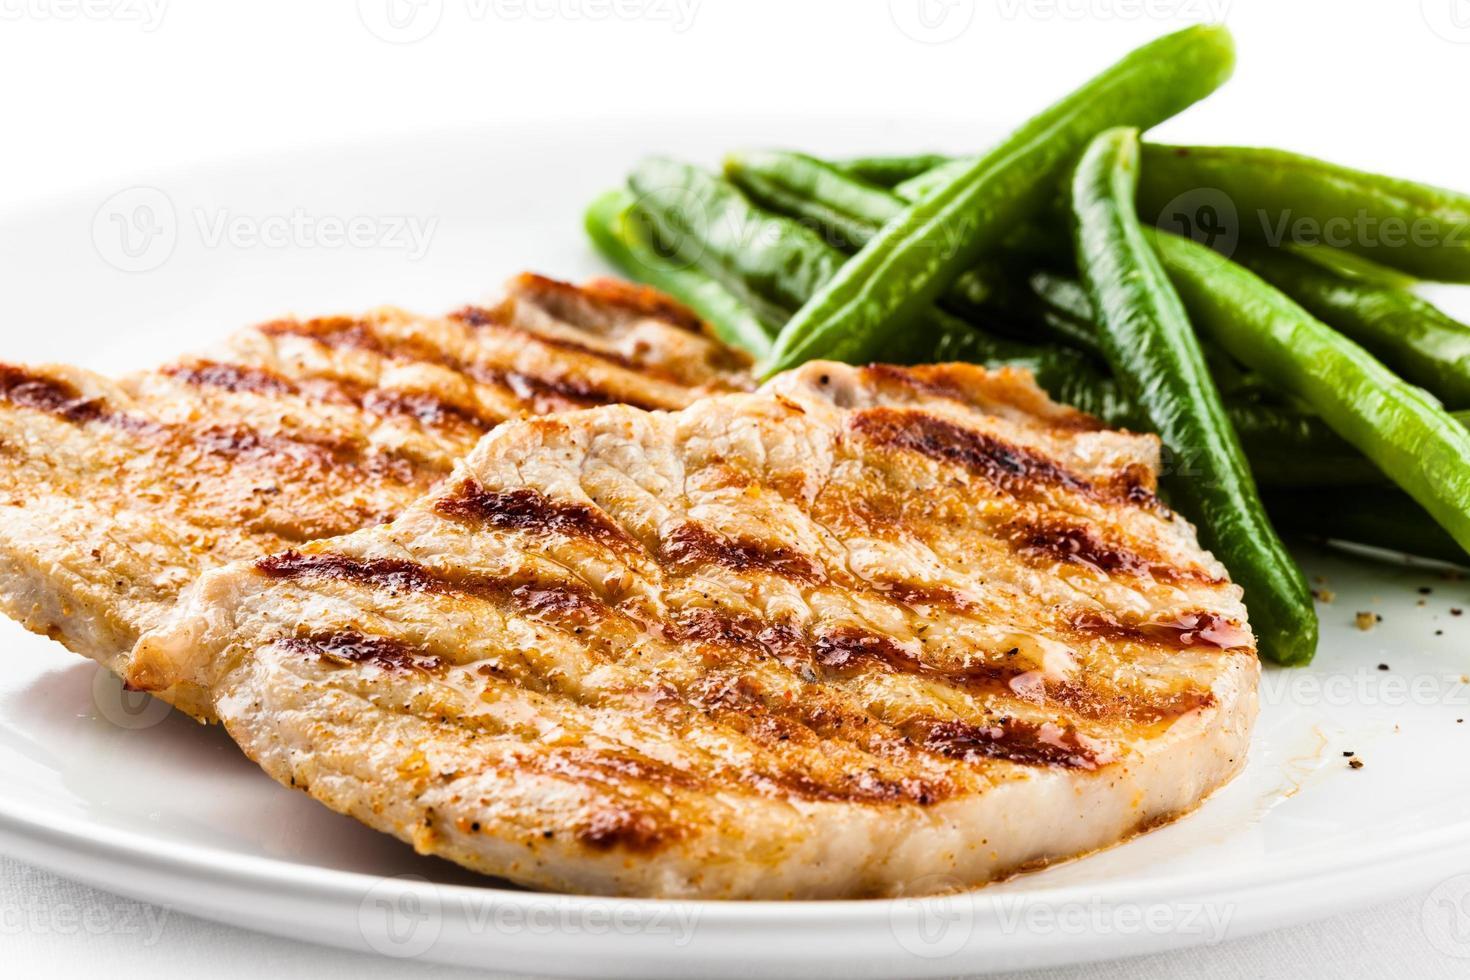 viande grillée et haricot photo